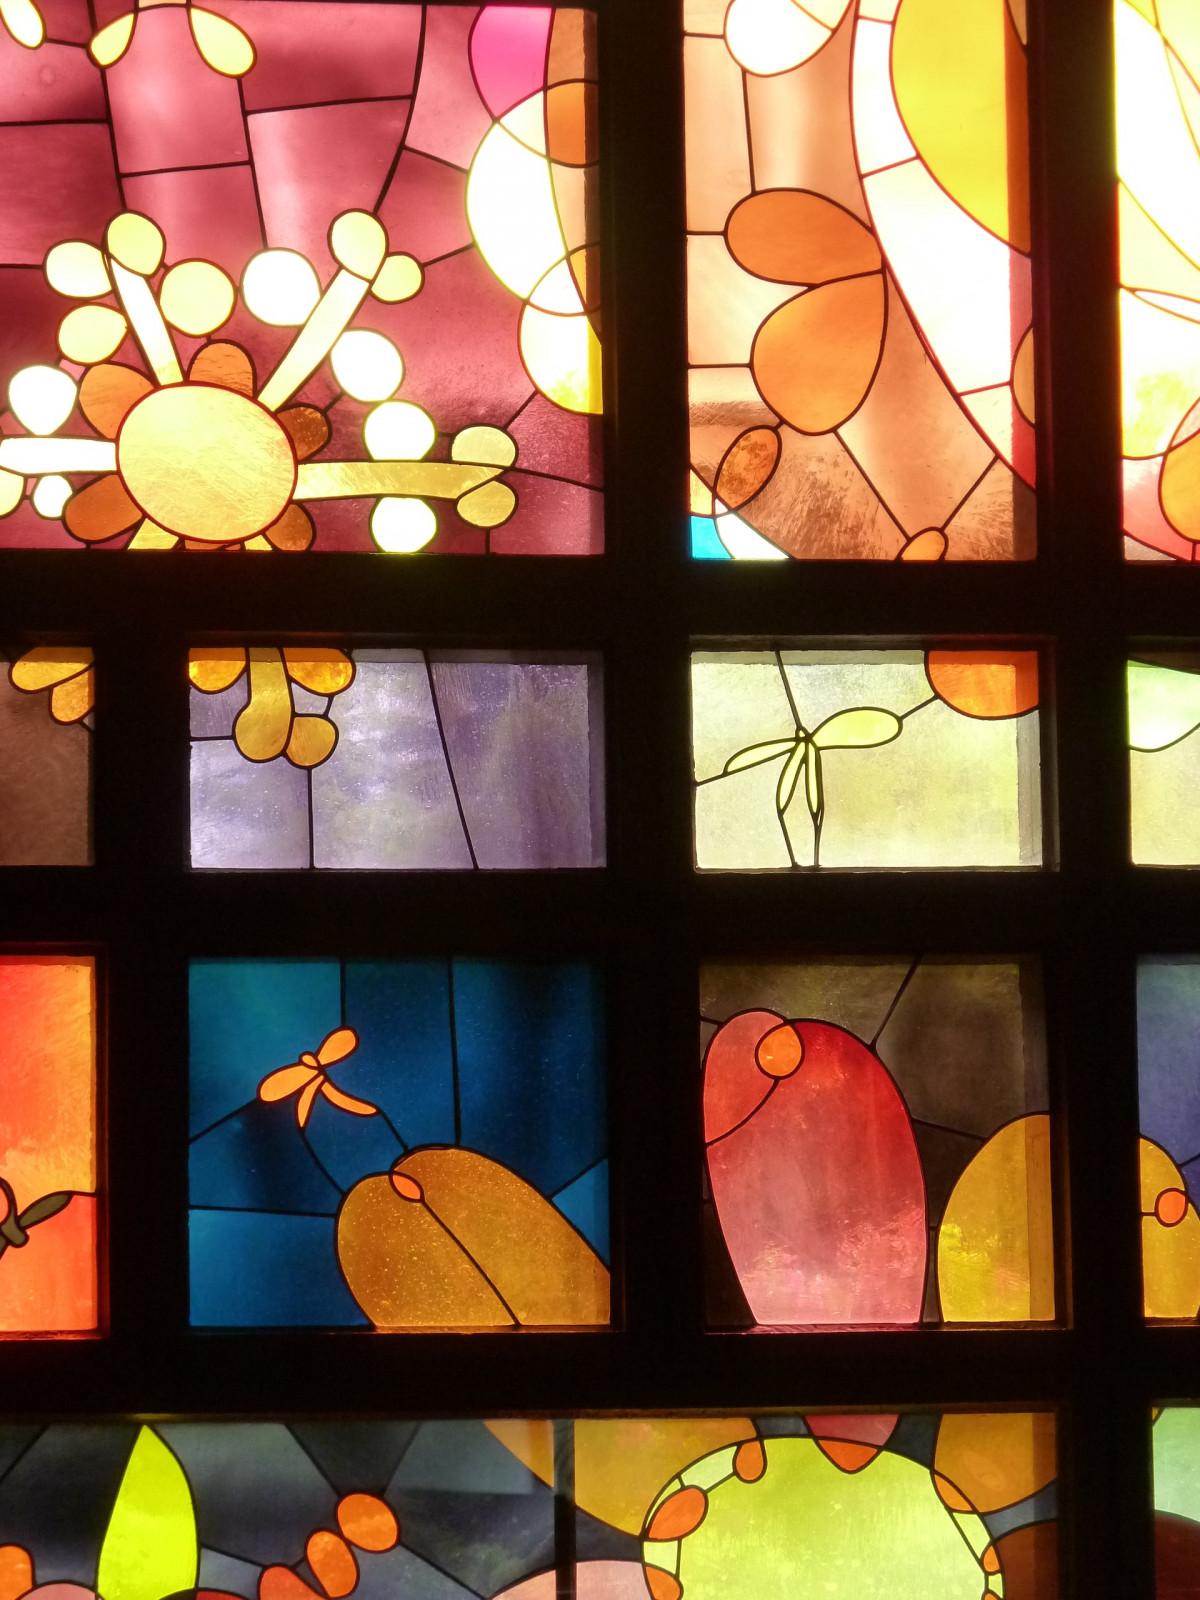 無料画像 イタリア 点灯 材料 インテリア デザイン アート 設計 対称 ステンドグラスの窓 教会の窓 ガラス窓 コンピュータの 壁紙 教会アルグンド 19x2560 無料写真 Pxhere